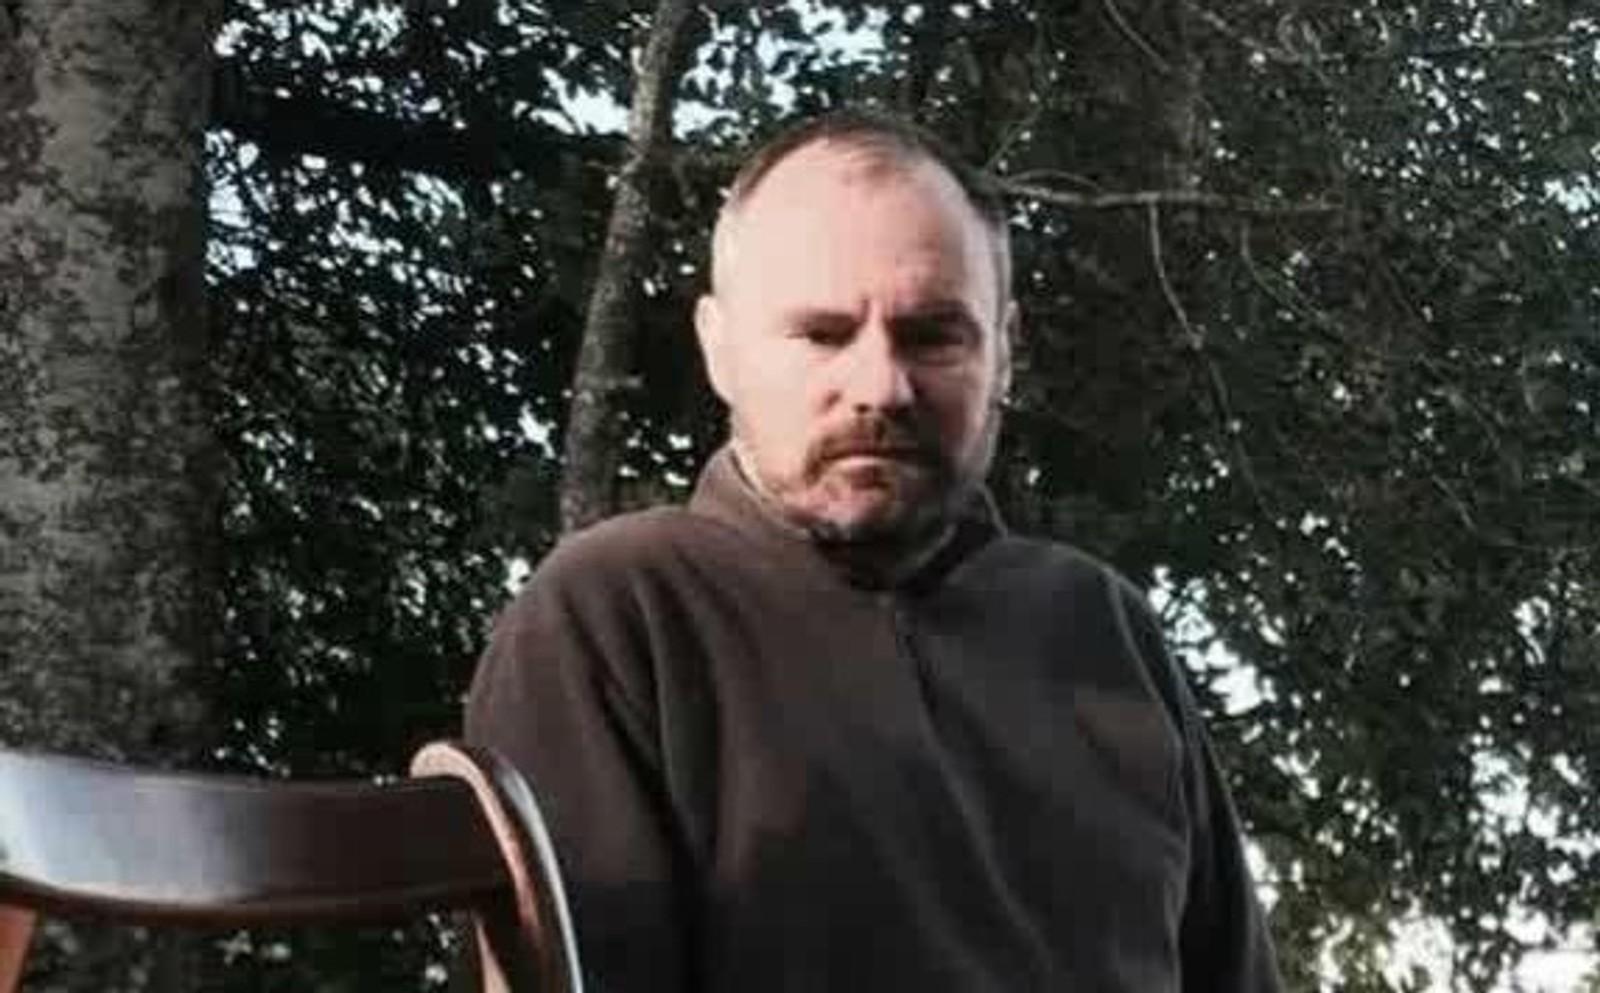 DREPT: Olivier Verndal (44) var fra Puy-de-Dôme og hadde reist til Paris for å se sitt favorittband spille. Han ble en av de 89 ofrene for terror på konsertarenaen.